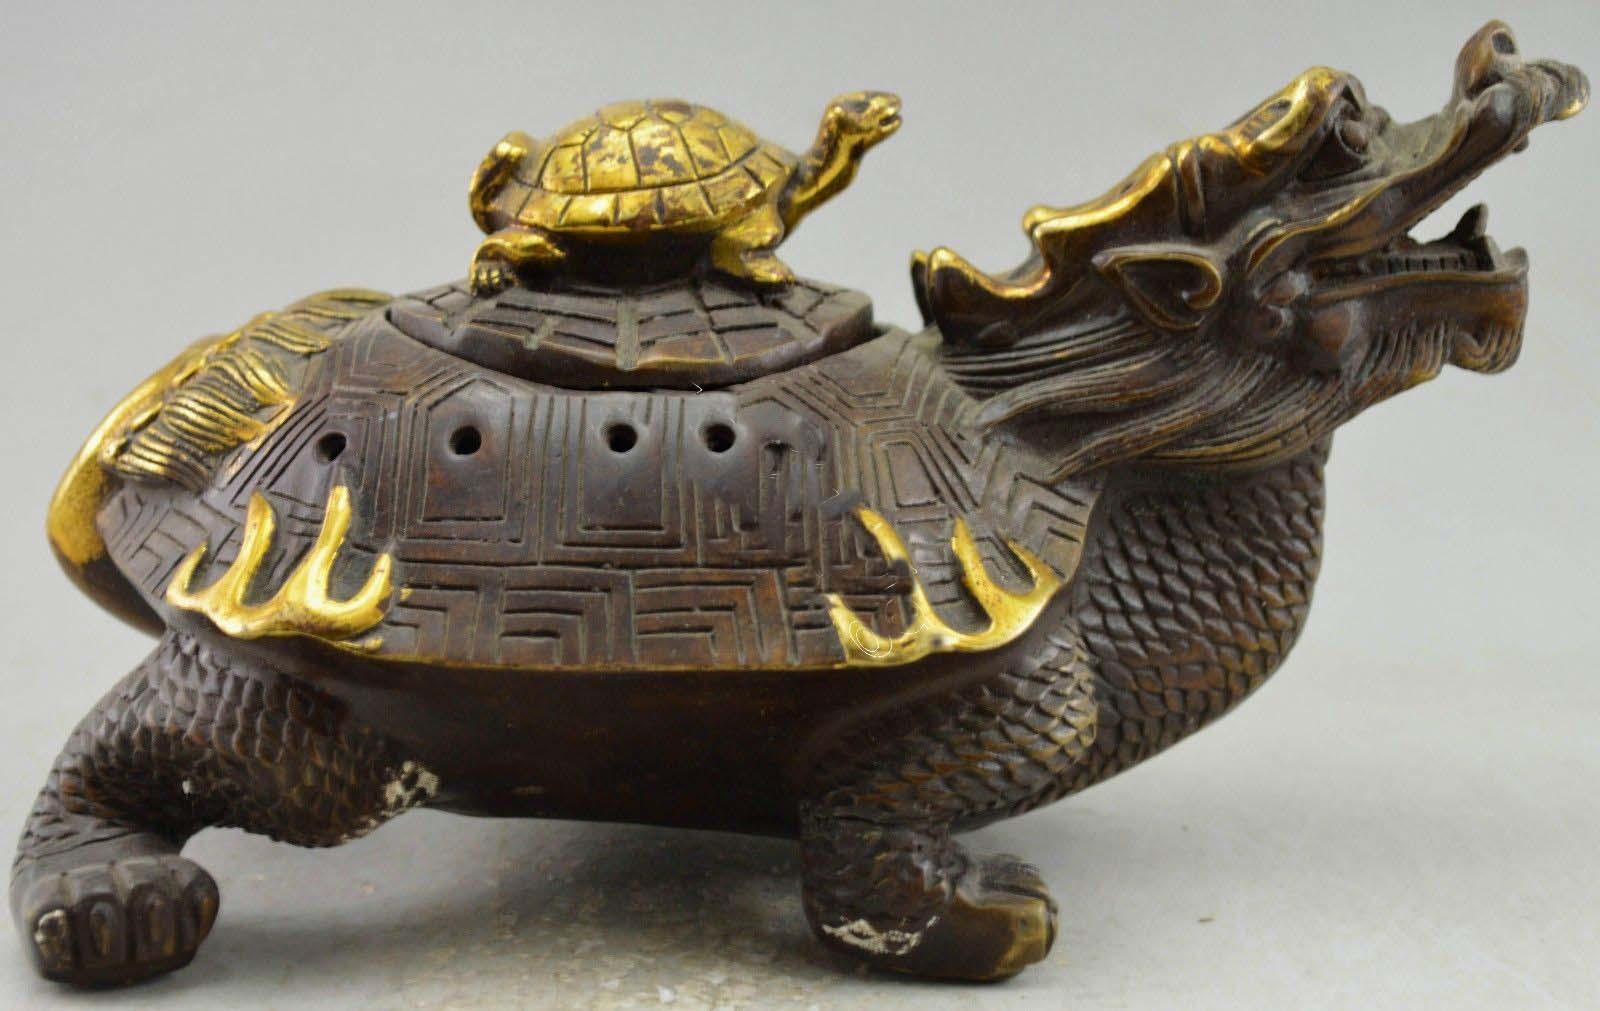 Brûleur d'encens de Statue de tortue de Dragon en cuivre décoré de Style chinois